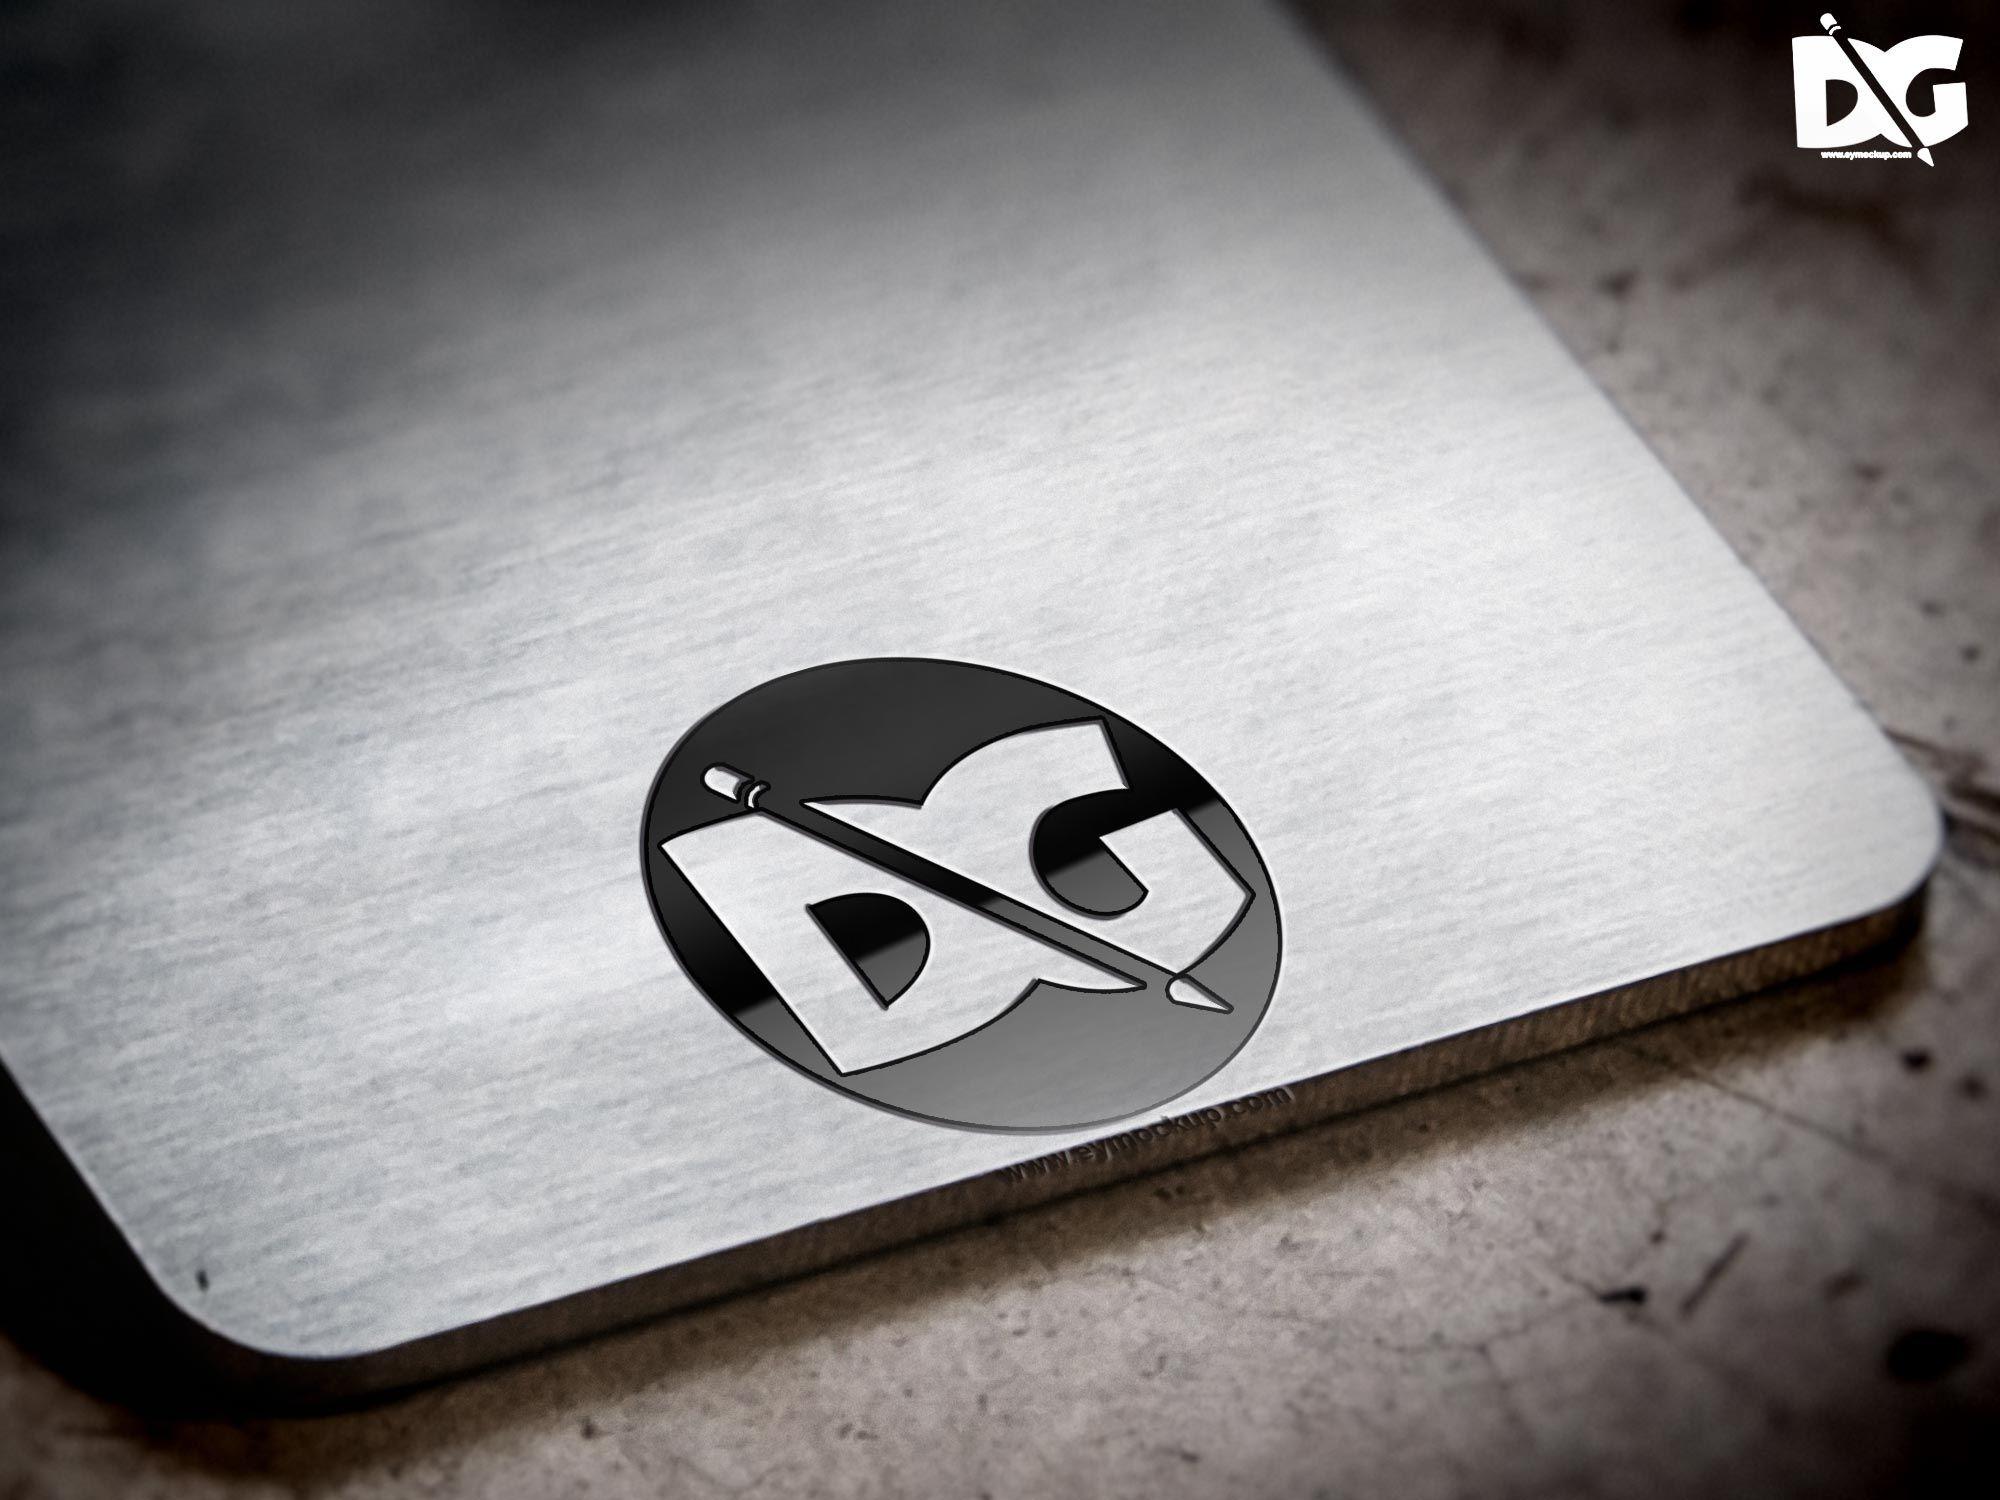 Free Metal Plate Surface Logo Mock Up Free Logo Mockup Mockup Free Psd Logo Mockup